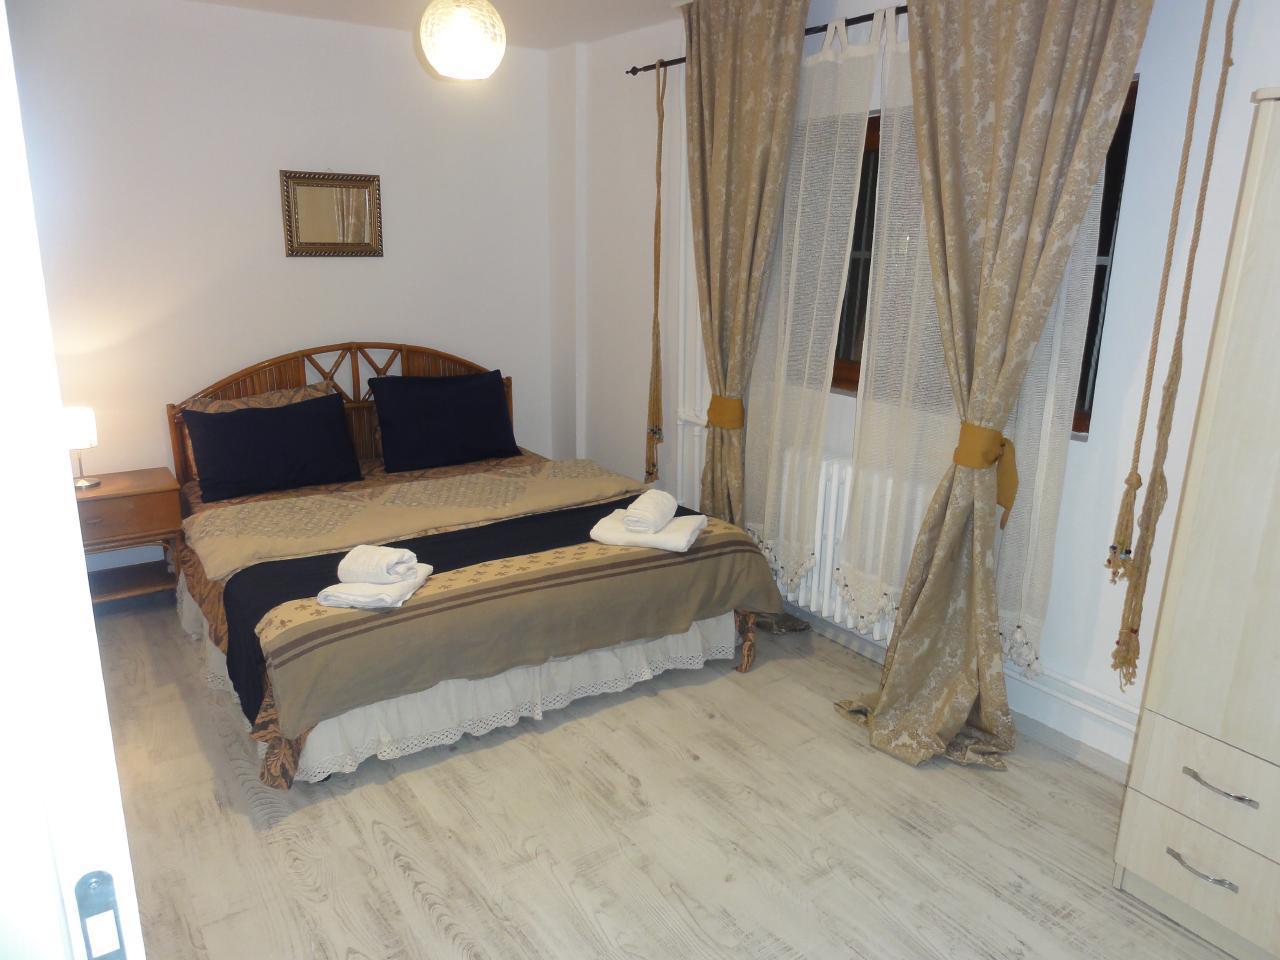 Ferienwohnung Evodak Apartment D 2 (1710501), Balgat, , Zentralanatolien, Türkei, Bild 18